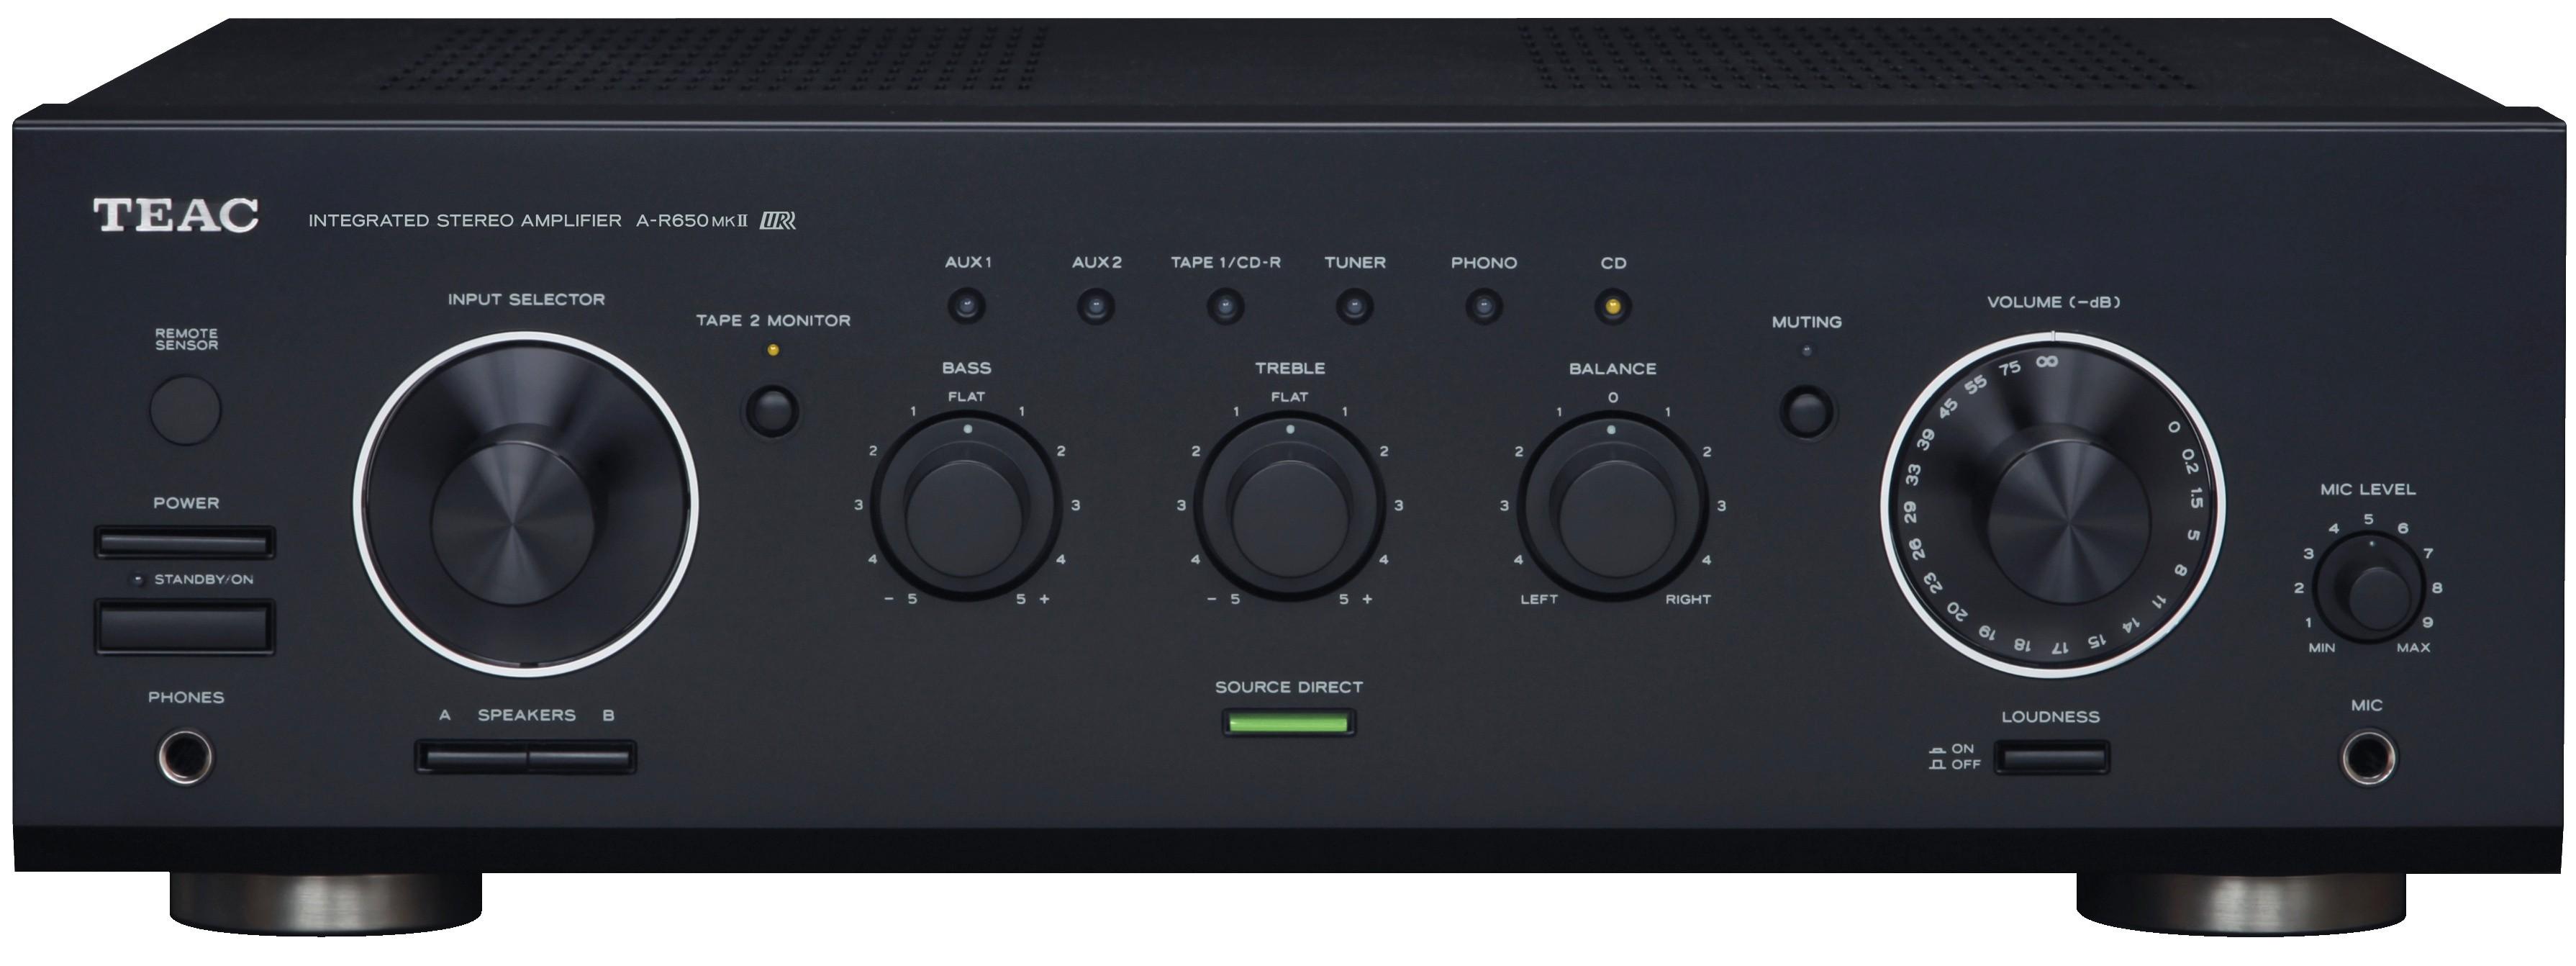 Integrated Amplifier Archives - av2day com